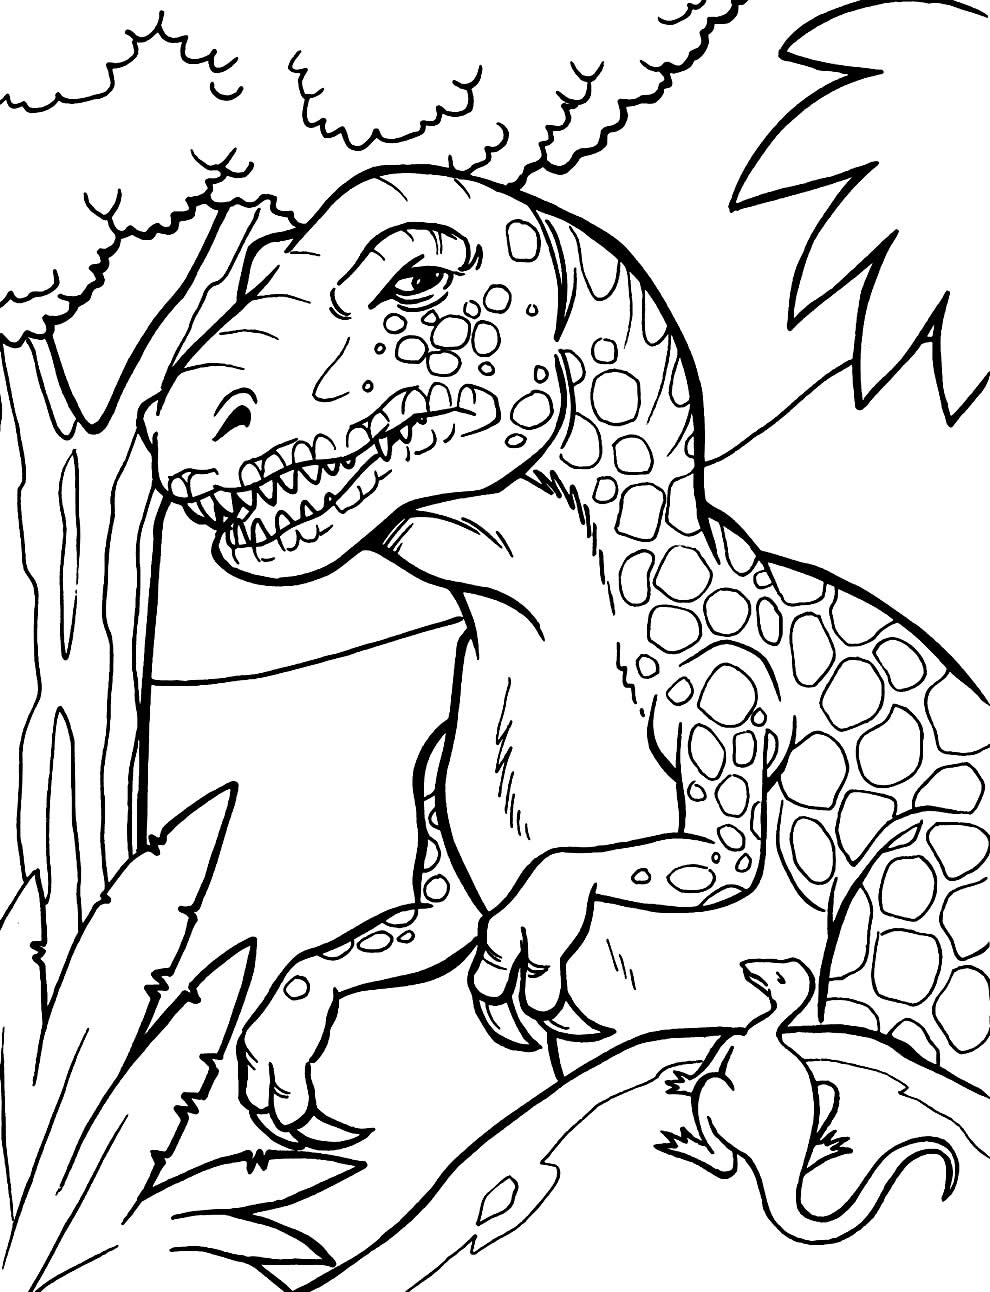 Moule de dinosaure à colorier